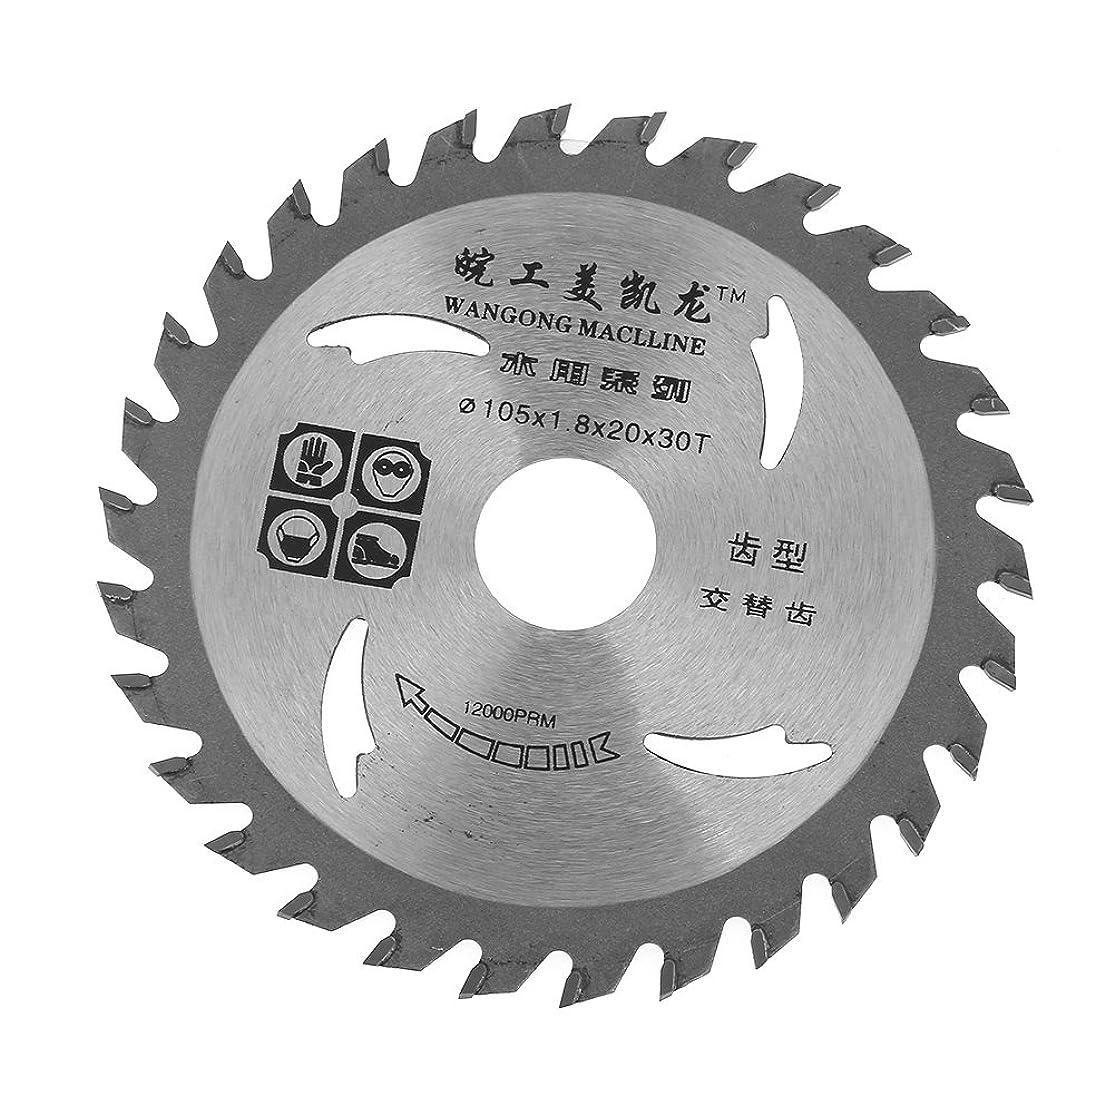 105ミリメートル×20ミリメートル×1.8ミリメートル30歯型超硬合金切削丸鋸刃ロータリー工具木材切断のためのディスクを切断する